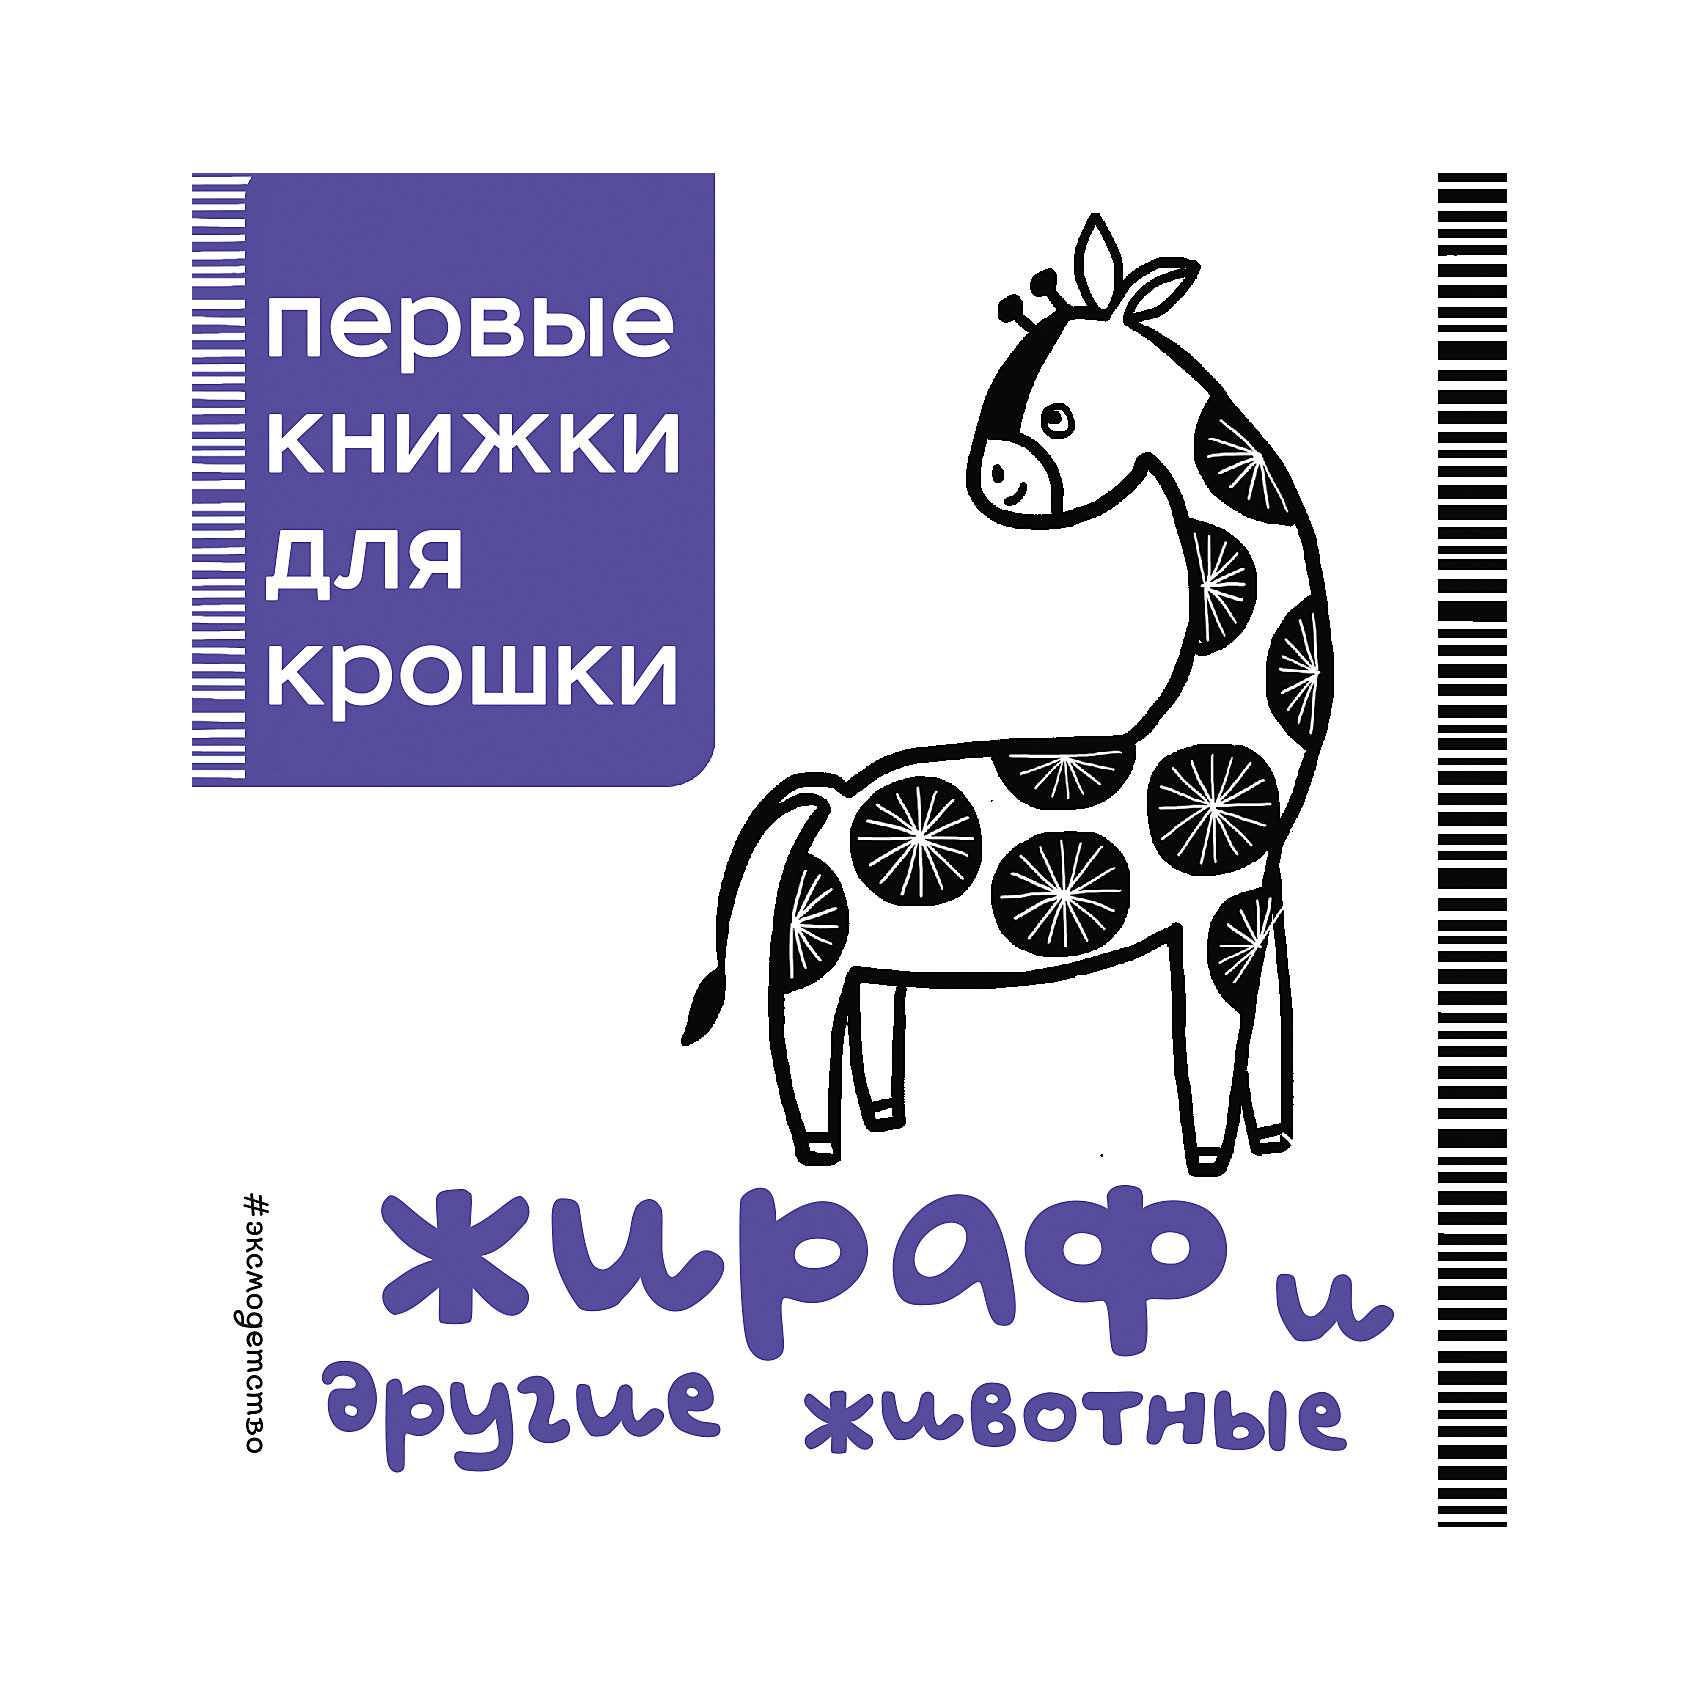 Жираф и другие животныеПервые книги малыша<br>Книга «Жираф и другие животные» идеально подходит для новорожденных малышей, которые только учатся фокусировать взгляд и различать изображения. Четкие высококонтрастные рисунки стимулируют визуальное восприятие ребенка. Книга поможет малышу развить координацию зрения и станет для него первой идеальной игрушкой.<br><br>Ширина мм: 155<br>Глубина мм: 140<br>Высота мм: 10<br>Вес г: 140<br>Возраст от месяцев: 24<br>Возраст до месяцев: 2147483647<br>Пол: Унисекс<br>Возраст: Детский<br>SKU: 5535440